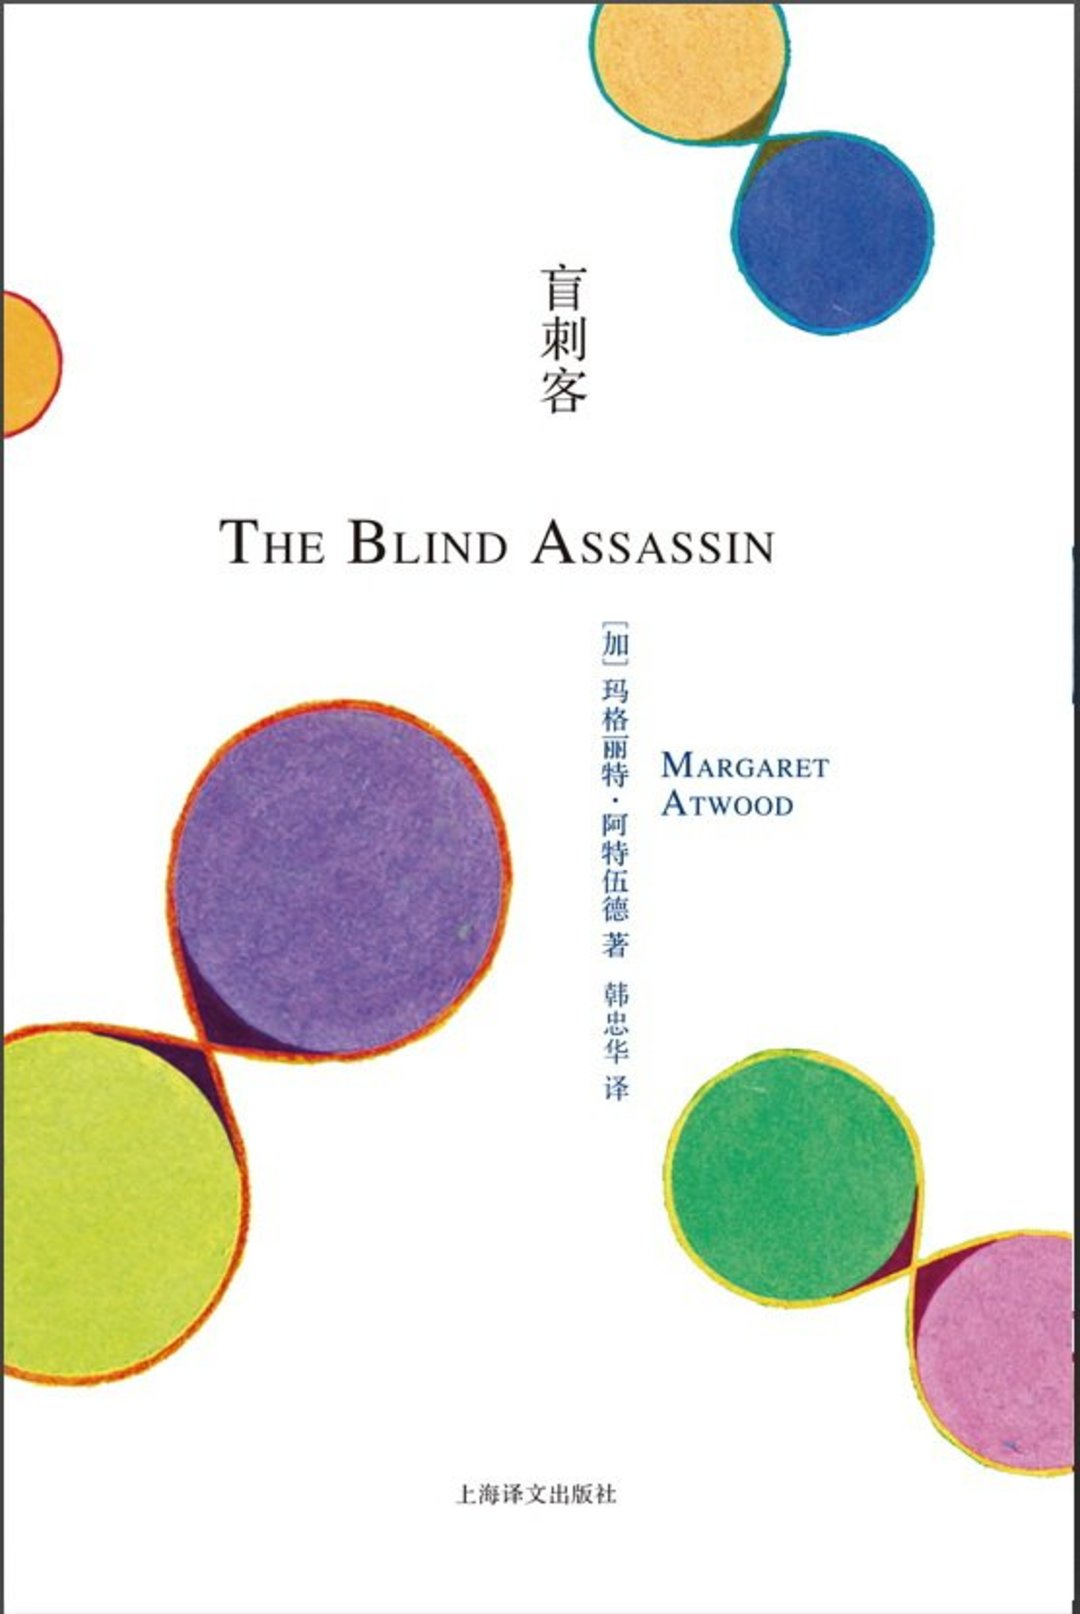 作家玛格丽特·阿特伍德获终身成就奖,你看过她的书吗?_文化_好奇心日报